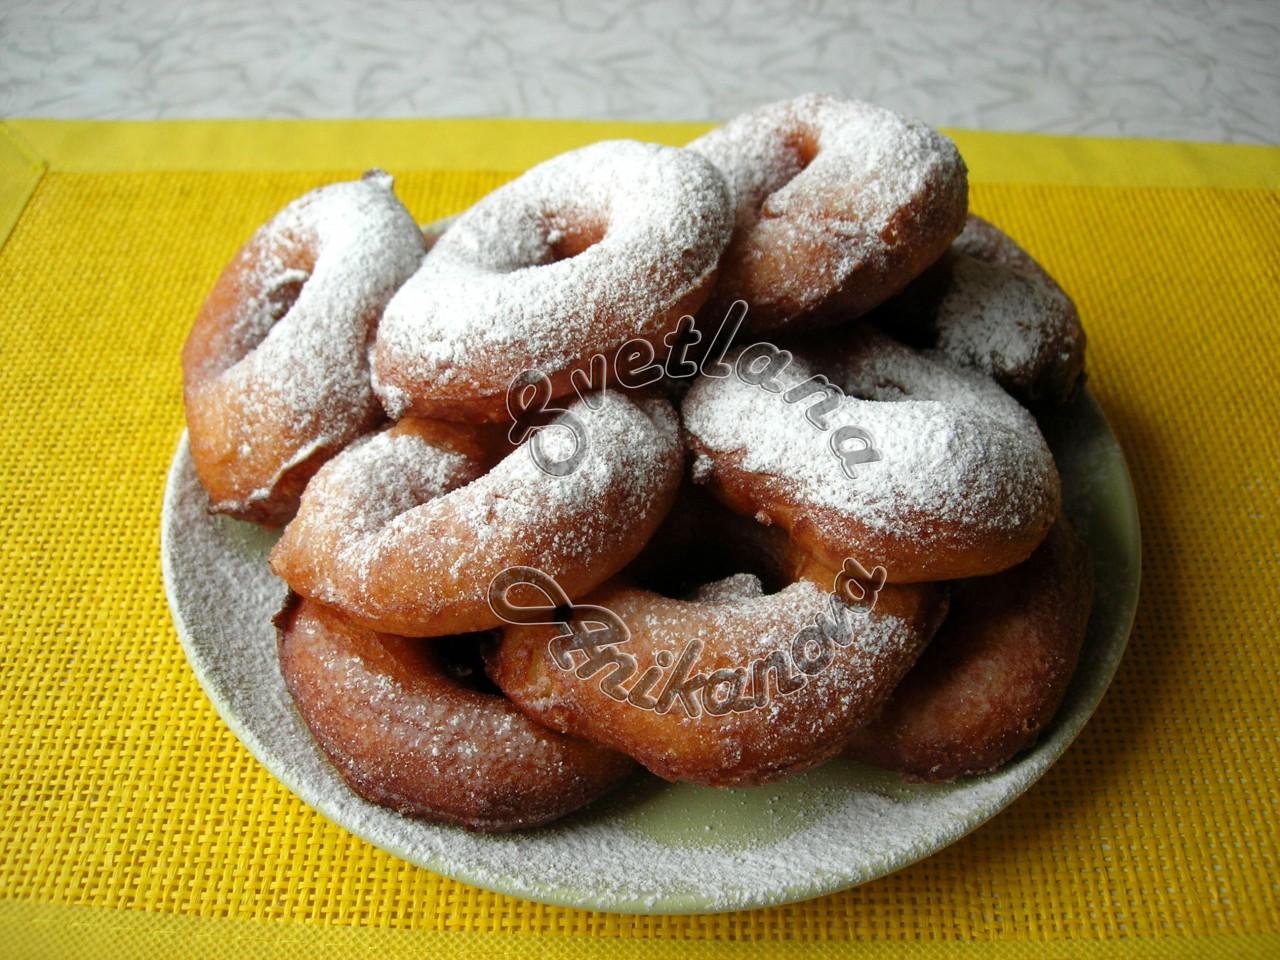 Пончики в ложке - рецепт пончиков без раскатывания теста!